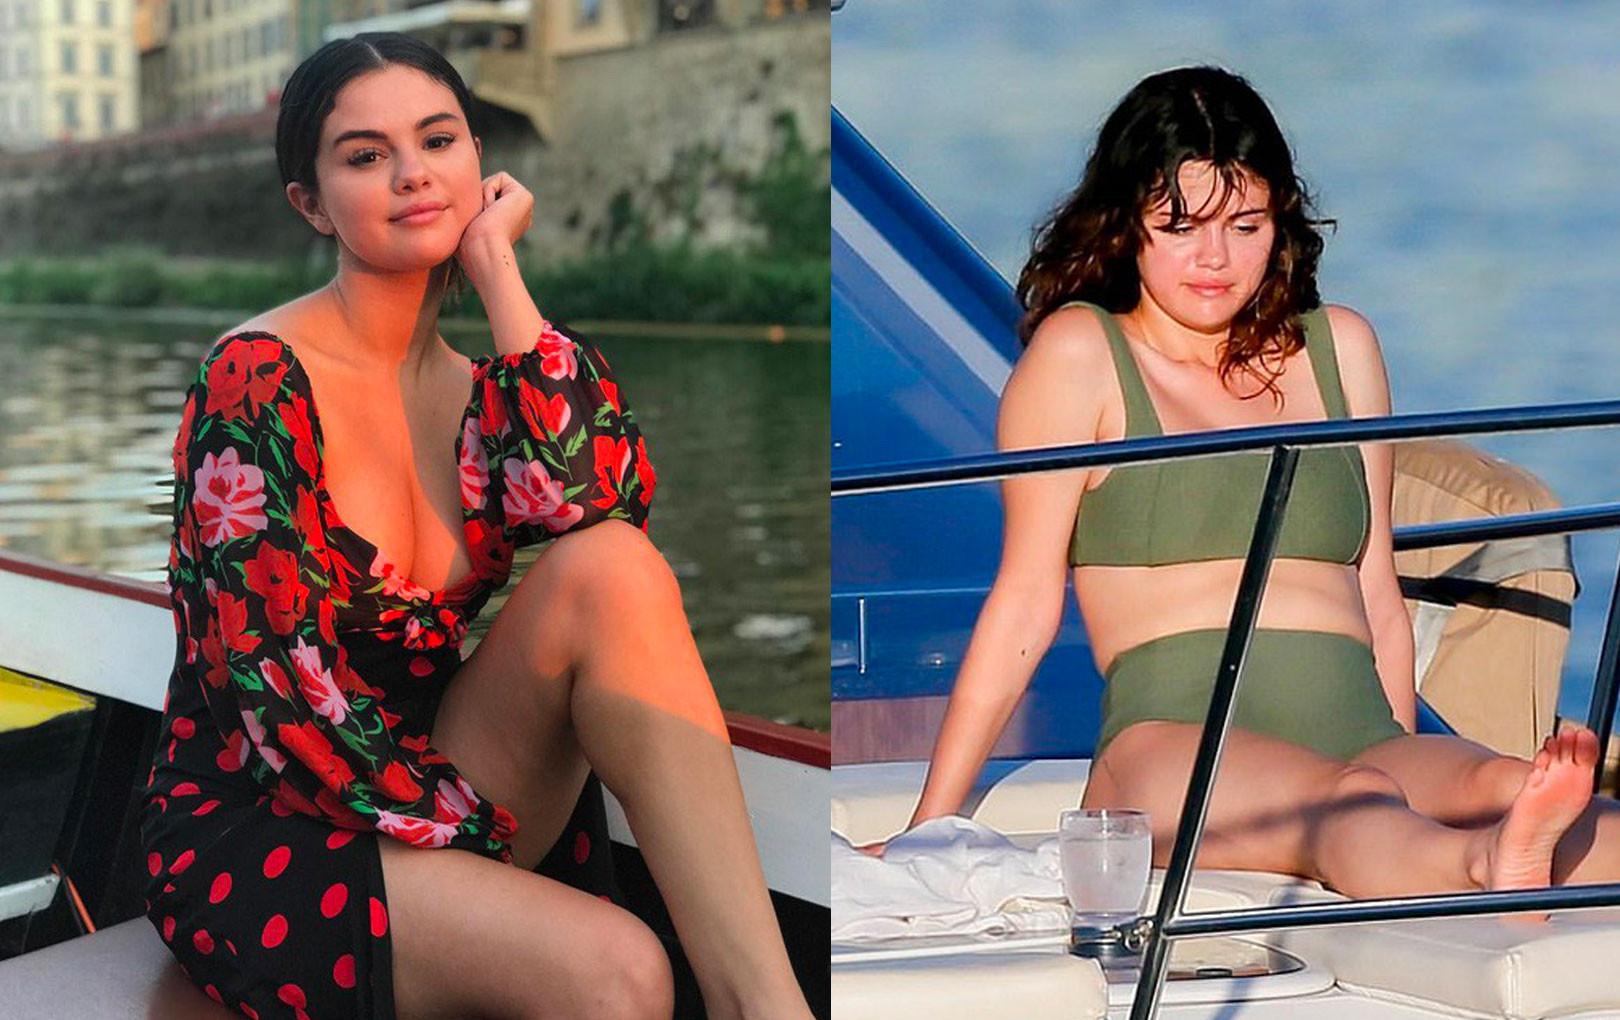 Selena Gomez dạo này: Một thời body mướt mắt nay lại trúng lời nguyền, nhưng càng lên cân càng được khen hết lời